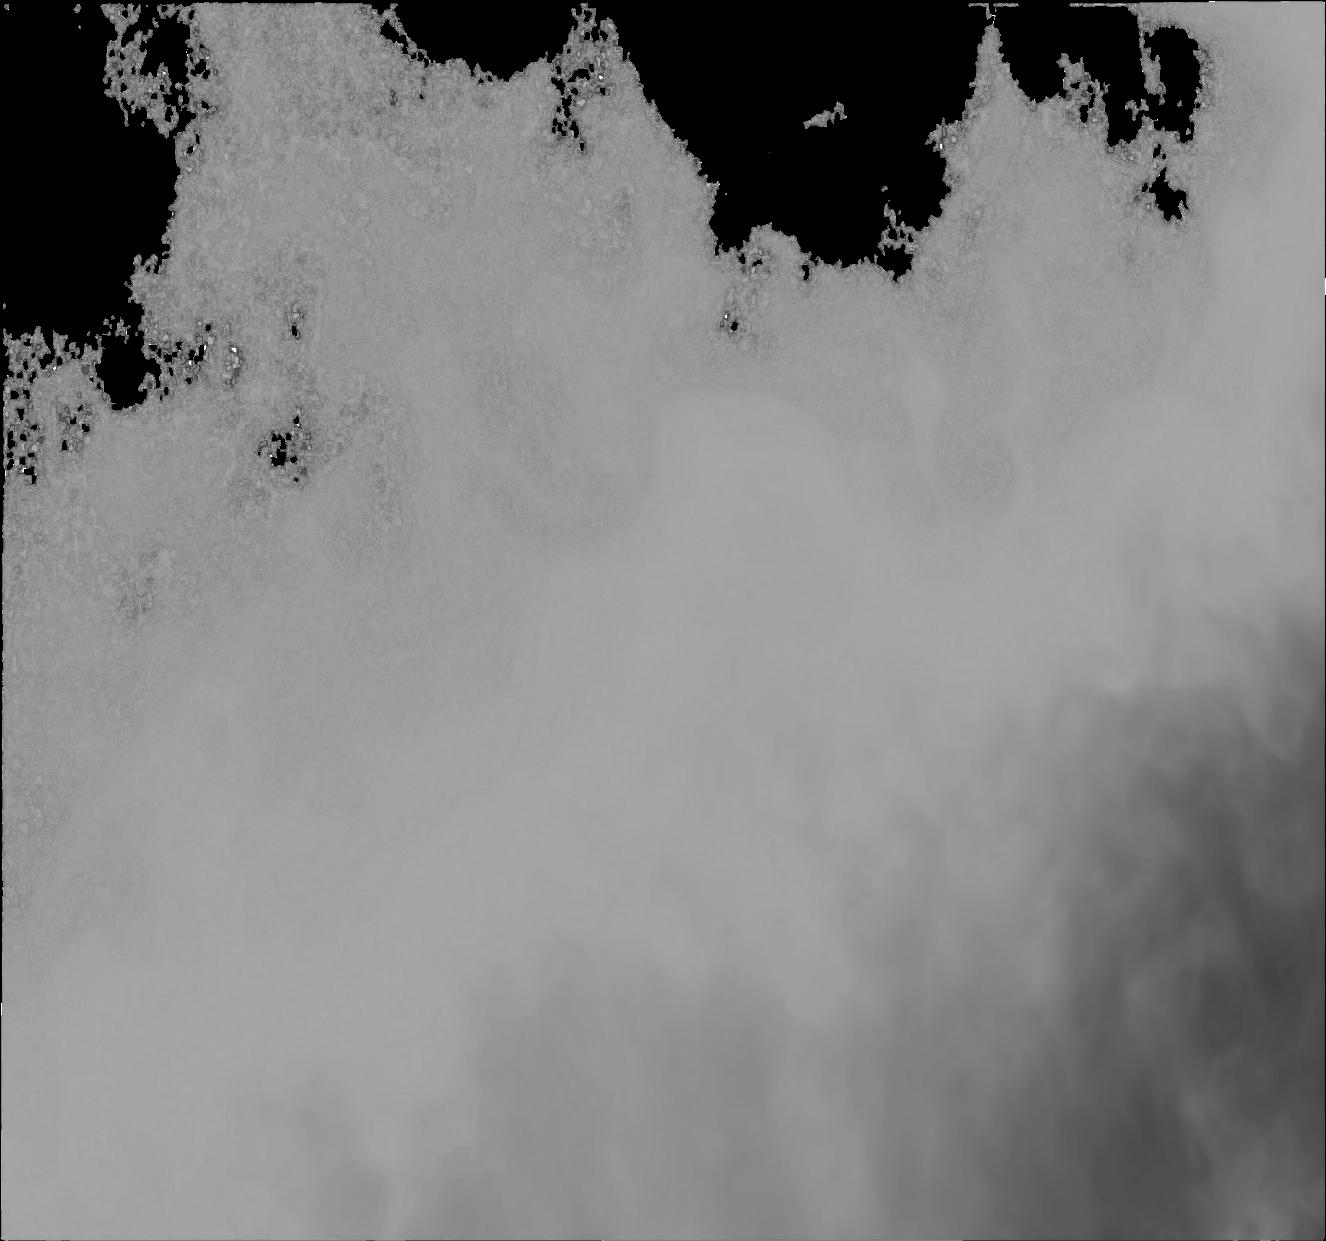 Download Fog Sticker - Fog - Full Size PNG Image - PNGkit